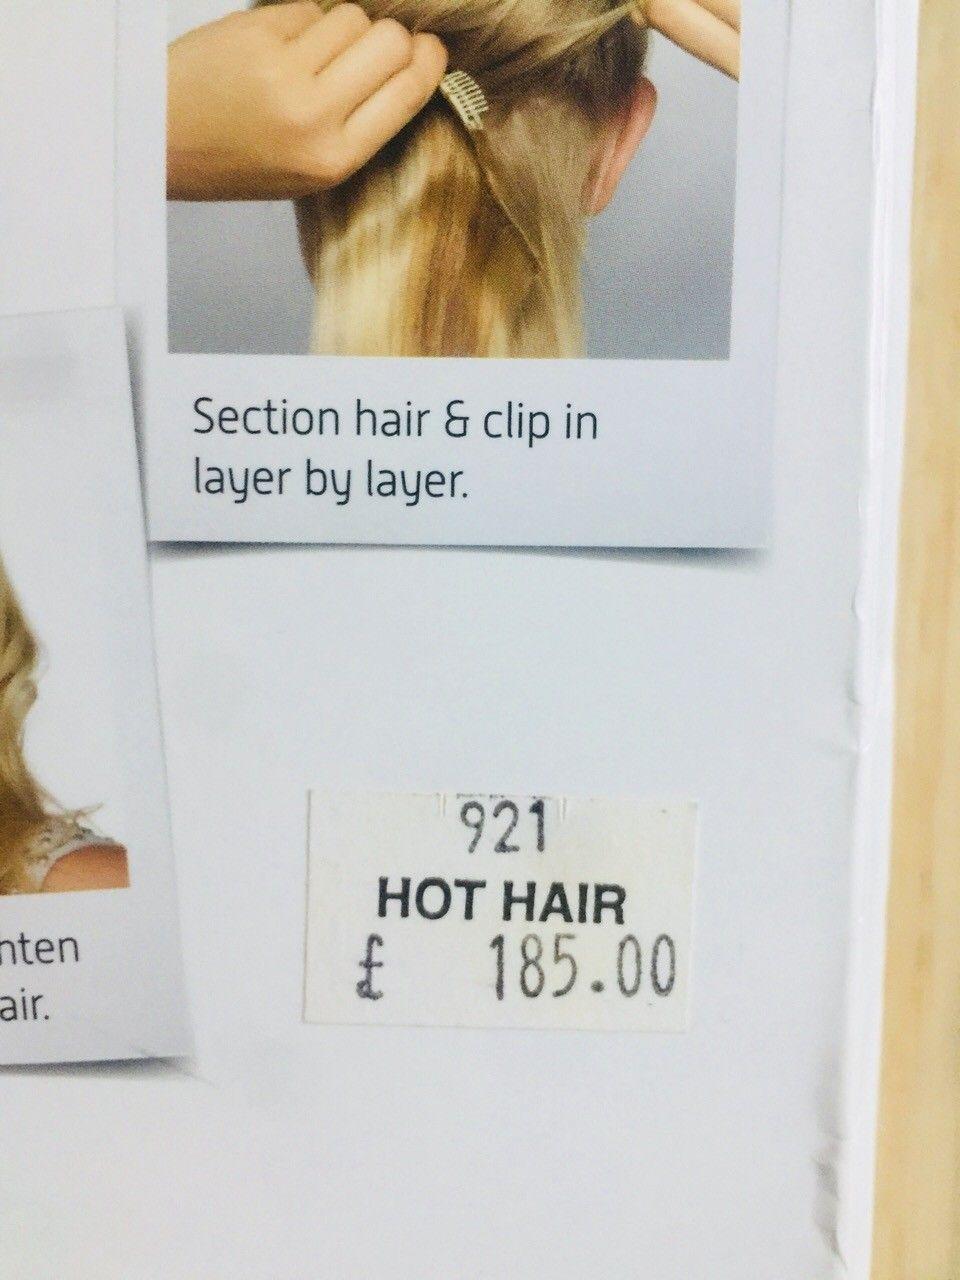 Ekte hår clip on hår . - Kløfta  - Kjøpt på selfridgs London  185 pund ( 2023kr)  Lite brukt og ikke rettet eller krøllet - Kløfta